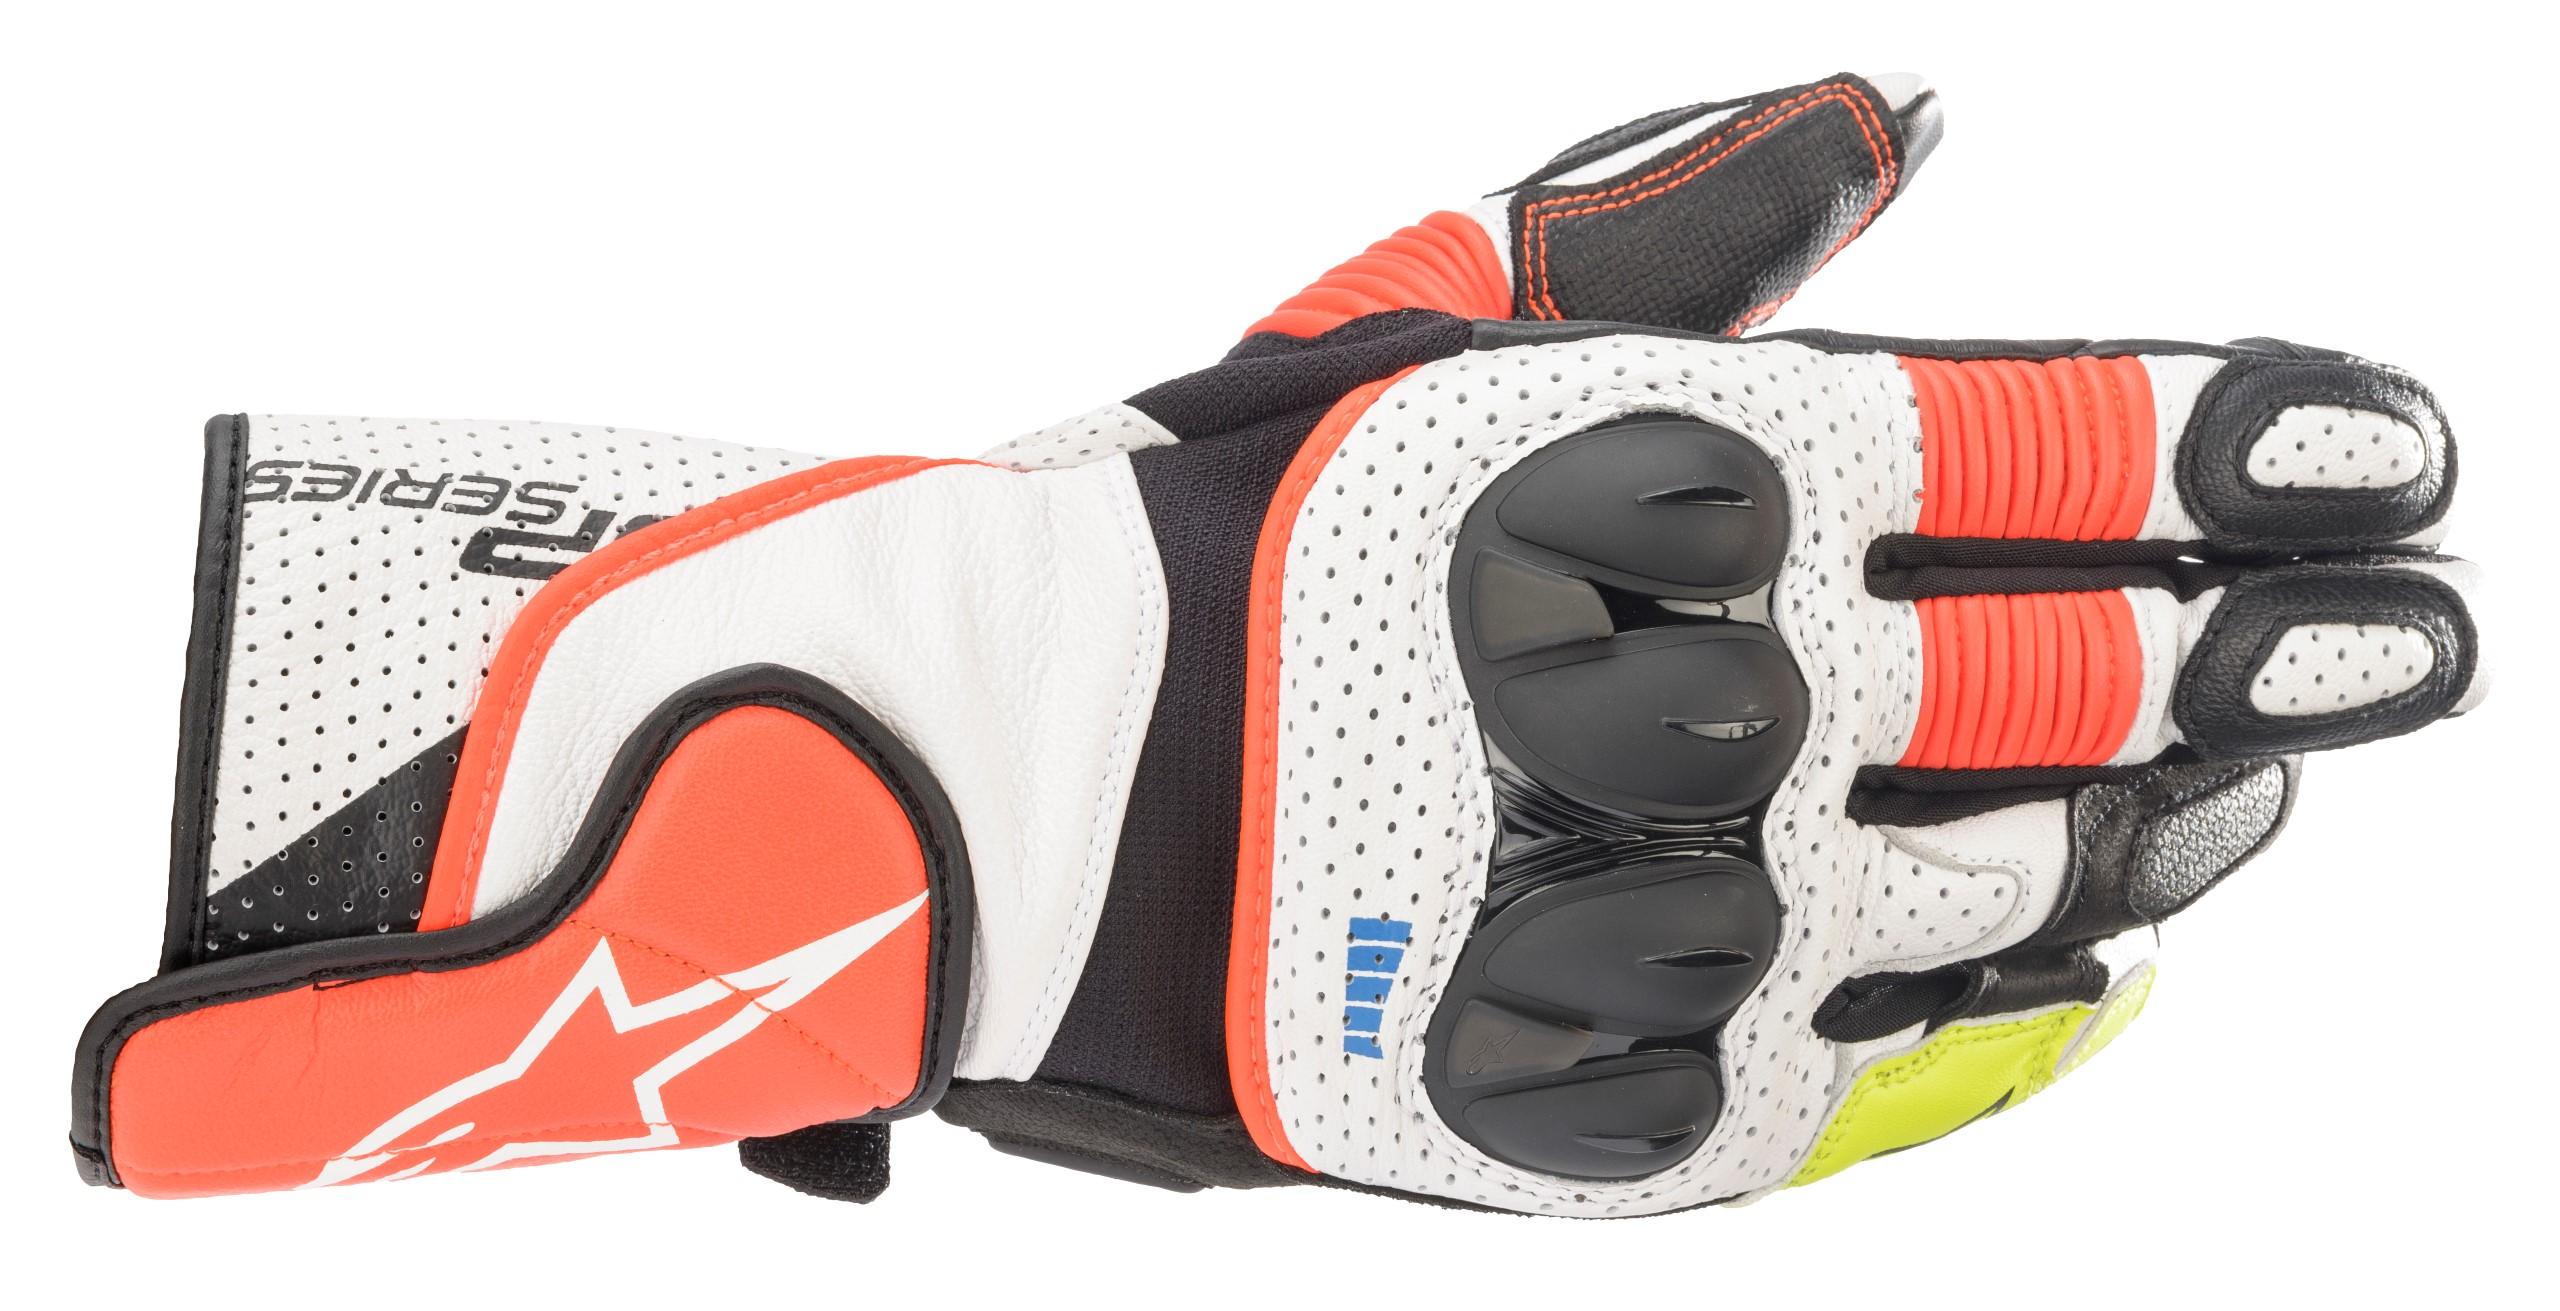 3558221-2310-fr_sp-2-v3-glove